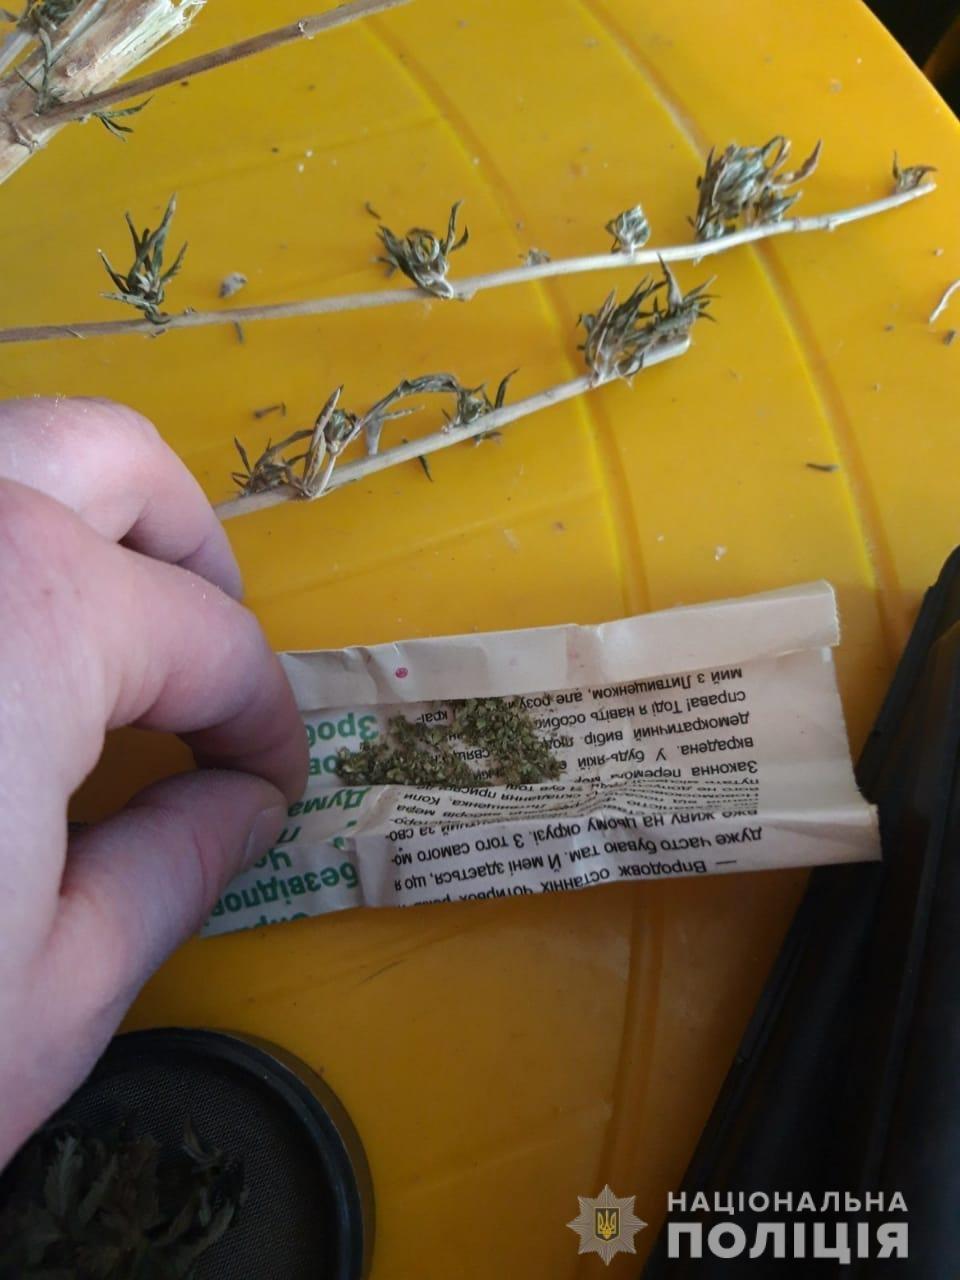 На Днепропетровщине мужчина хранил у себя в сарае наркотики, - ФОТО, фото-2